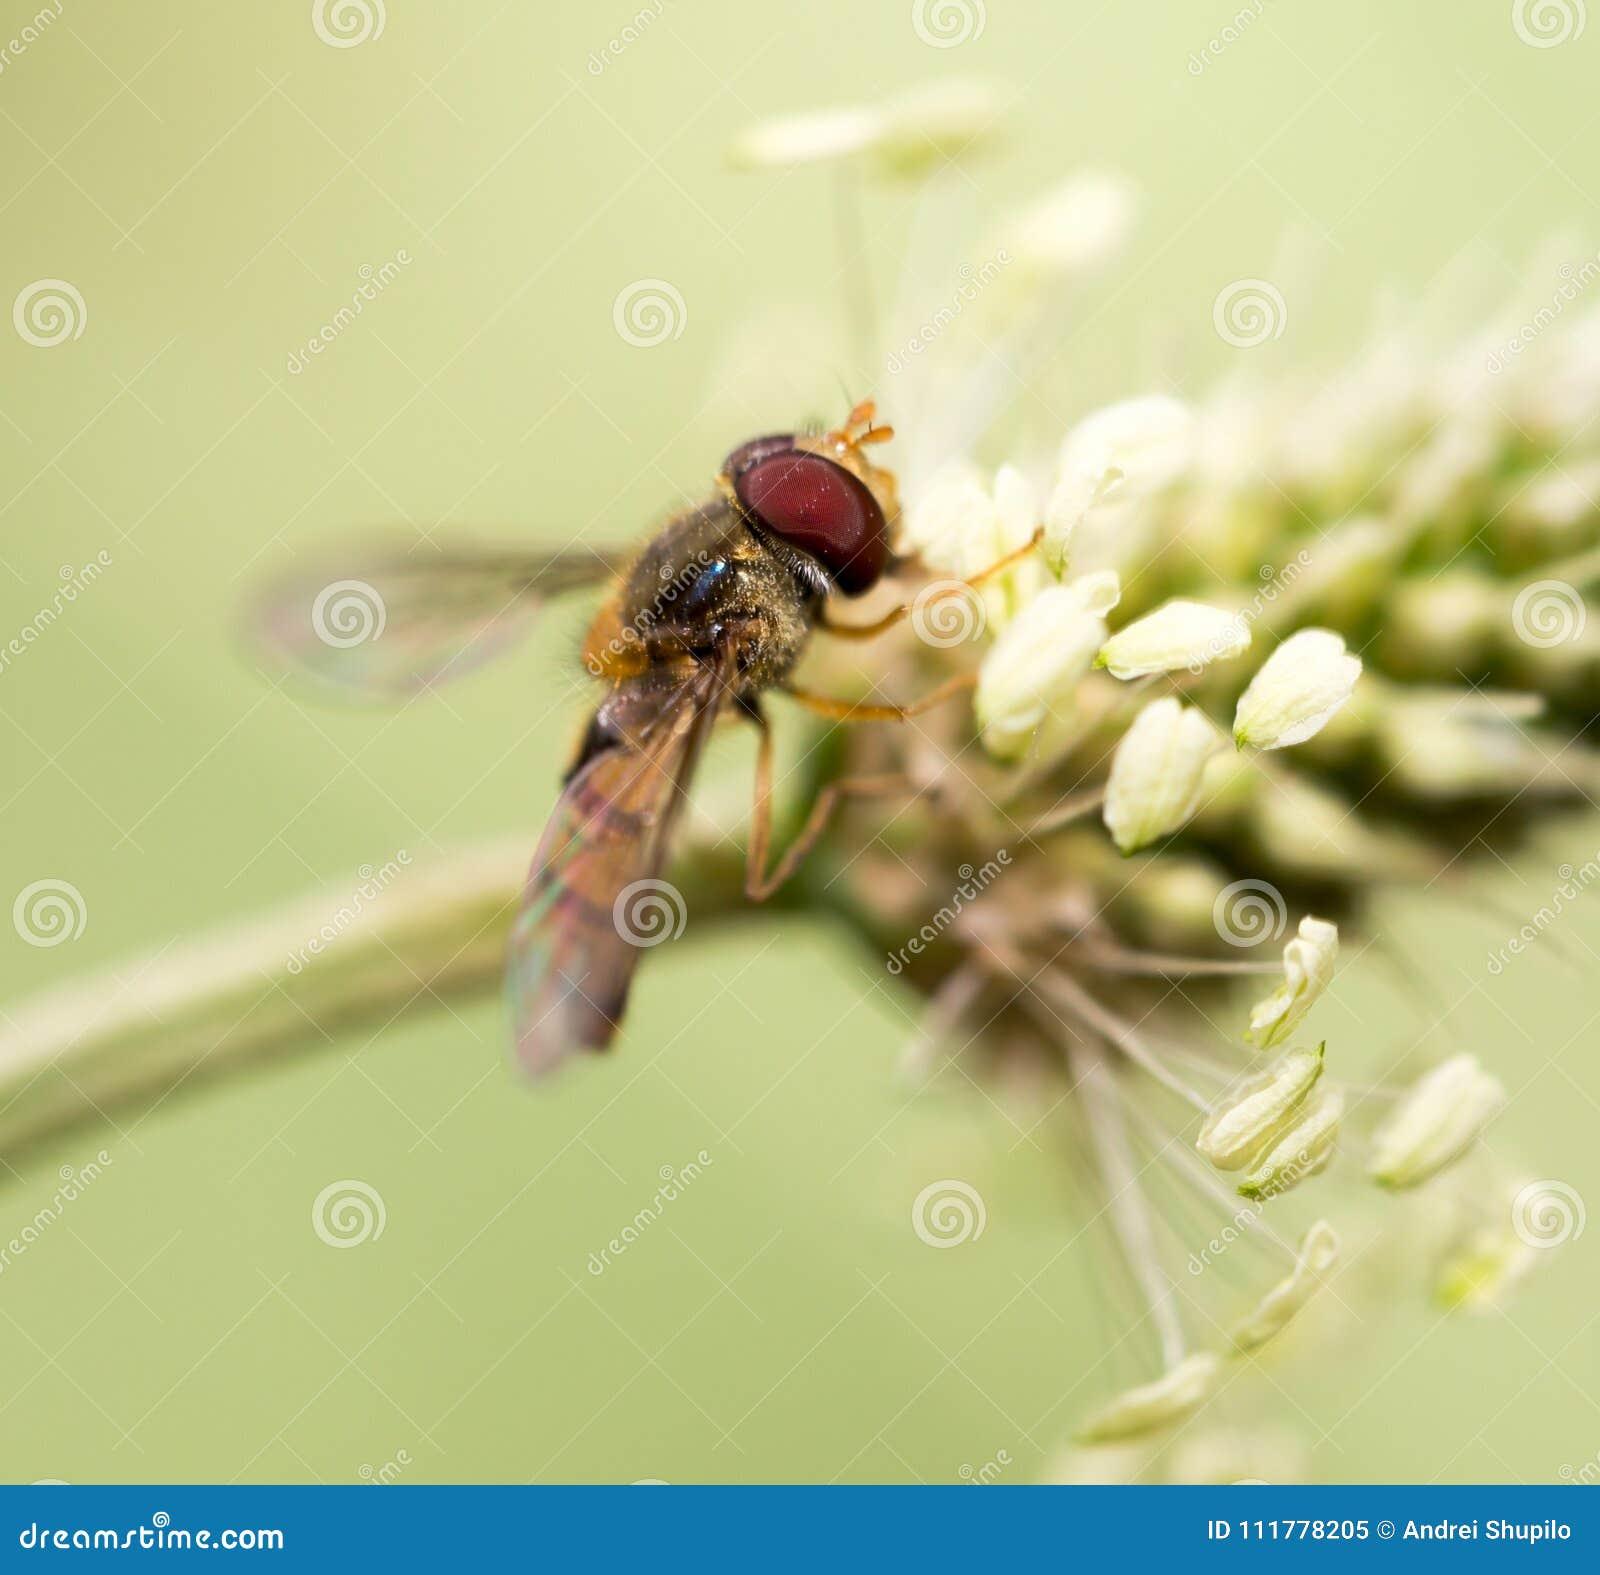 Bee in nature. macro